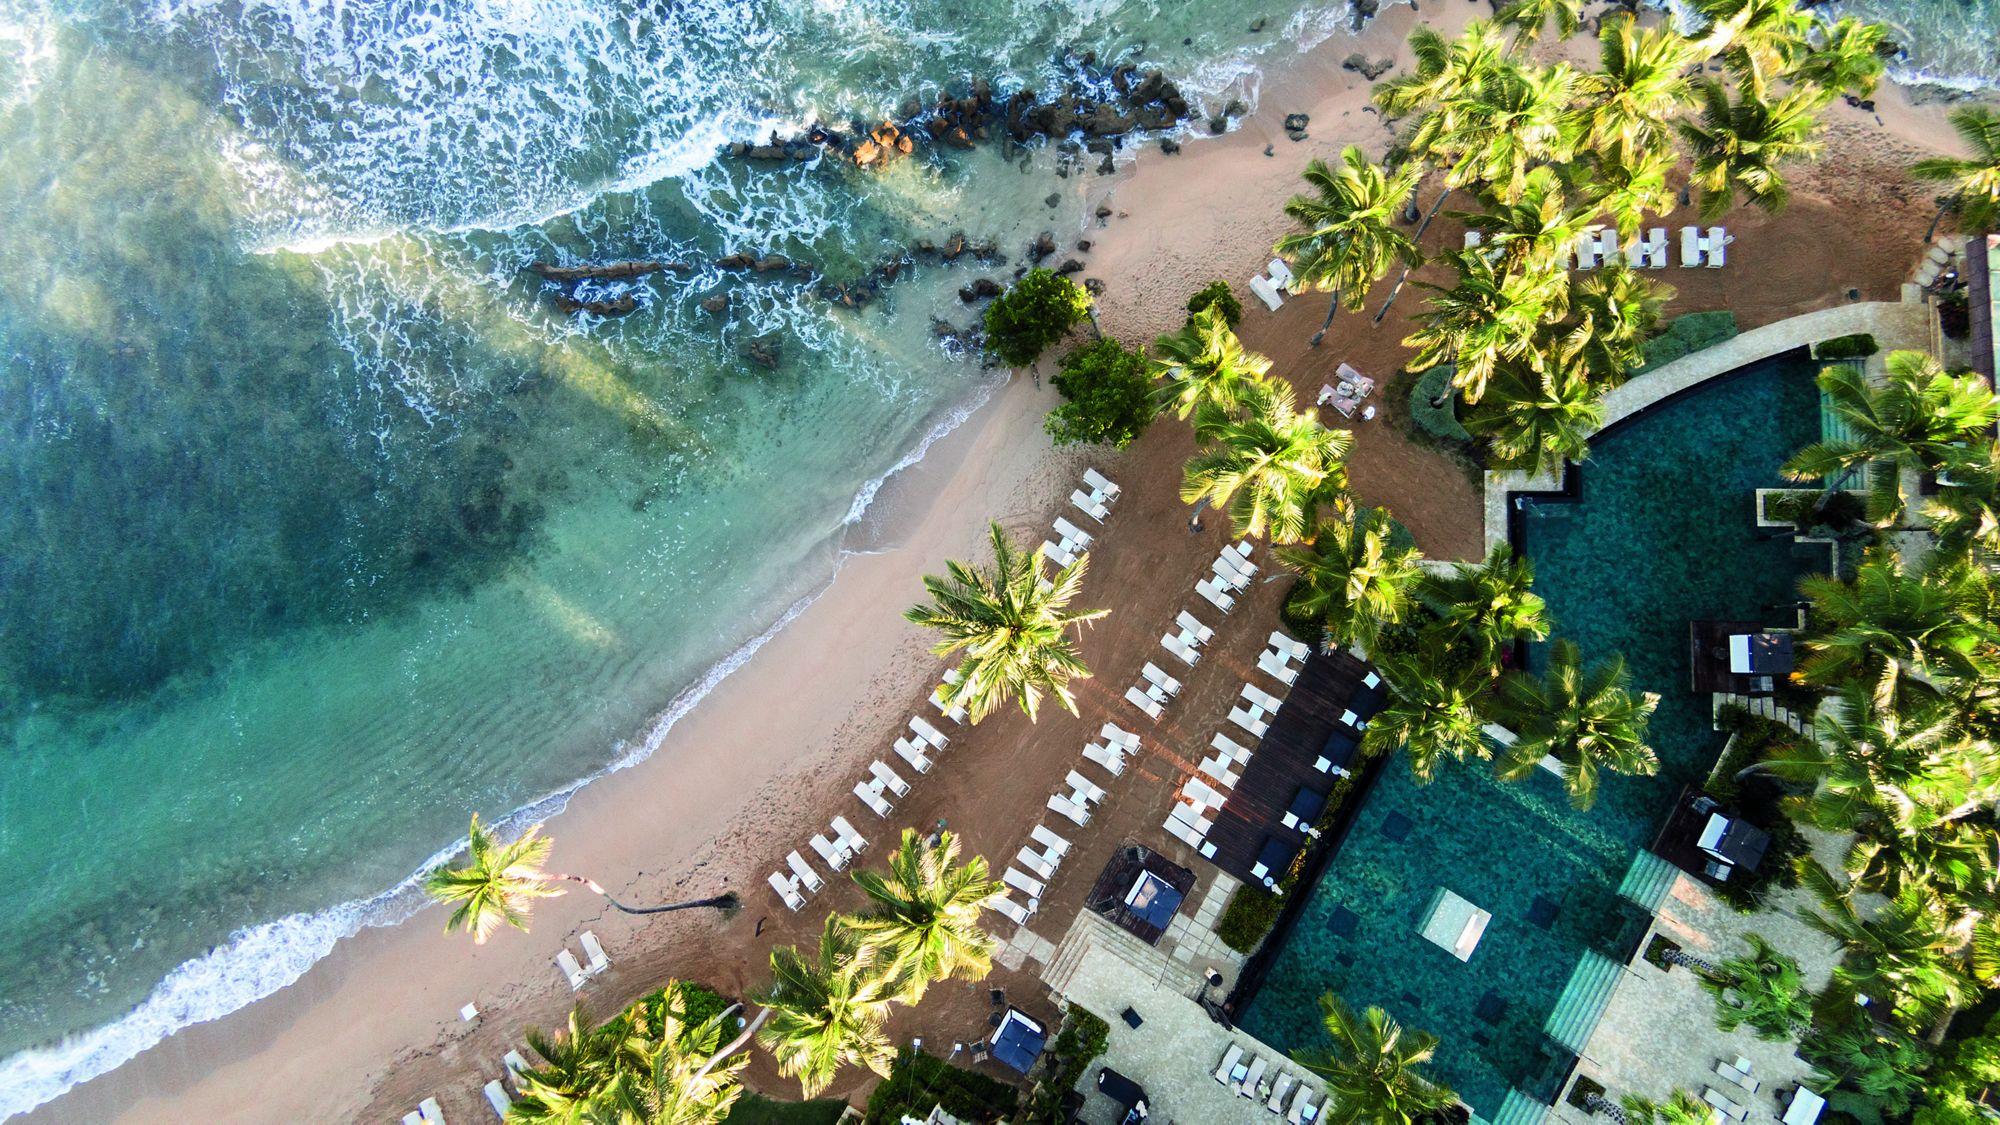 Este complejo vacacional ultra lujoso de Ritz-Carlton Reserve, cuenta con 114 habitaciones y suites frente a la playa recreadas con un cuidadoso diseño. Además, destaca Su Casa, la única villa de cinco habitaciones así como su galardonado Spa Botánico que introduce un concepto de cocina spa.